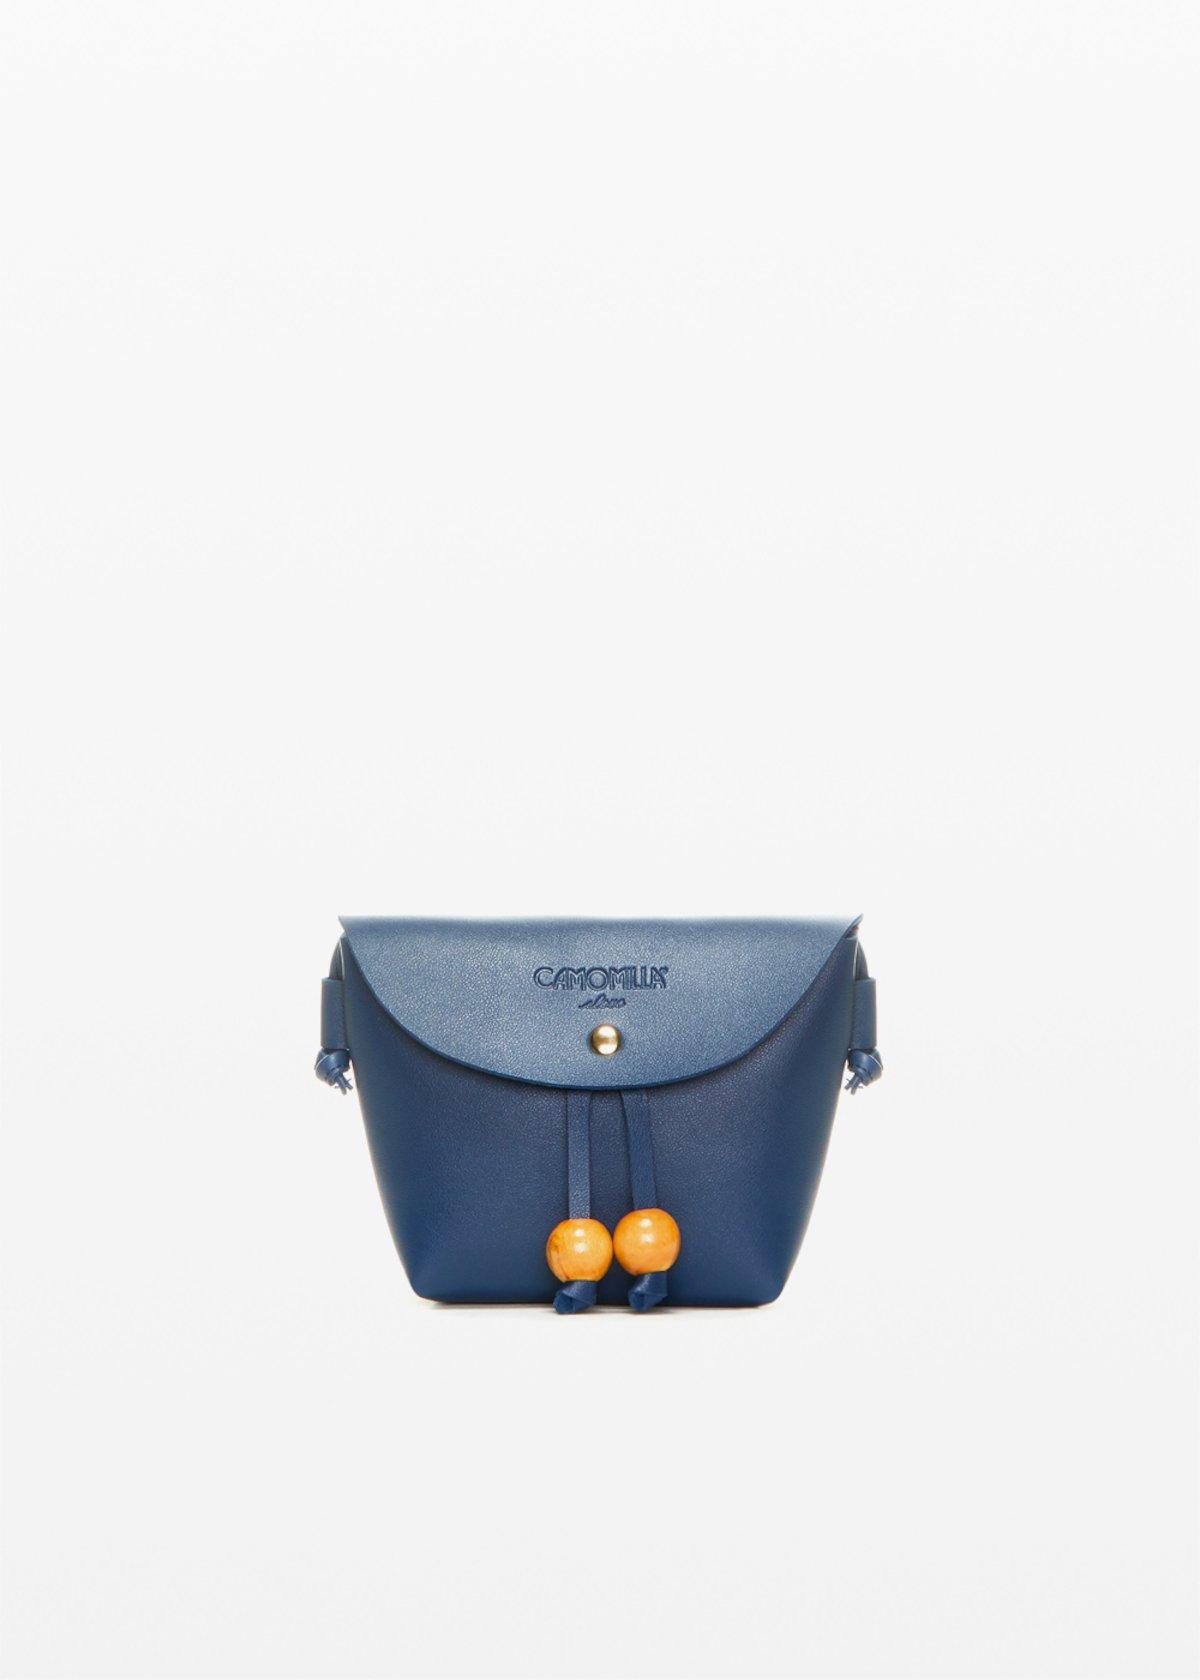 Small shoulder bag Bridget con decoro boule in legno - Medium Blue - Donna - Immagine categoria